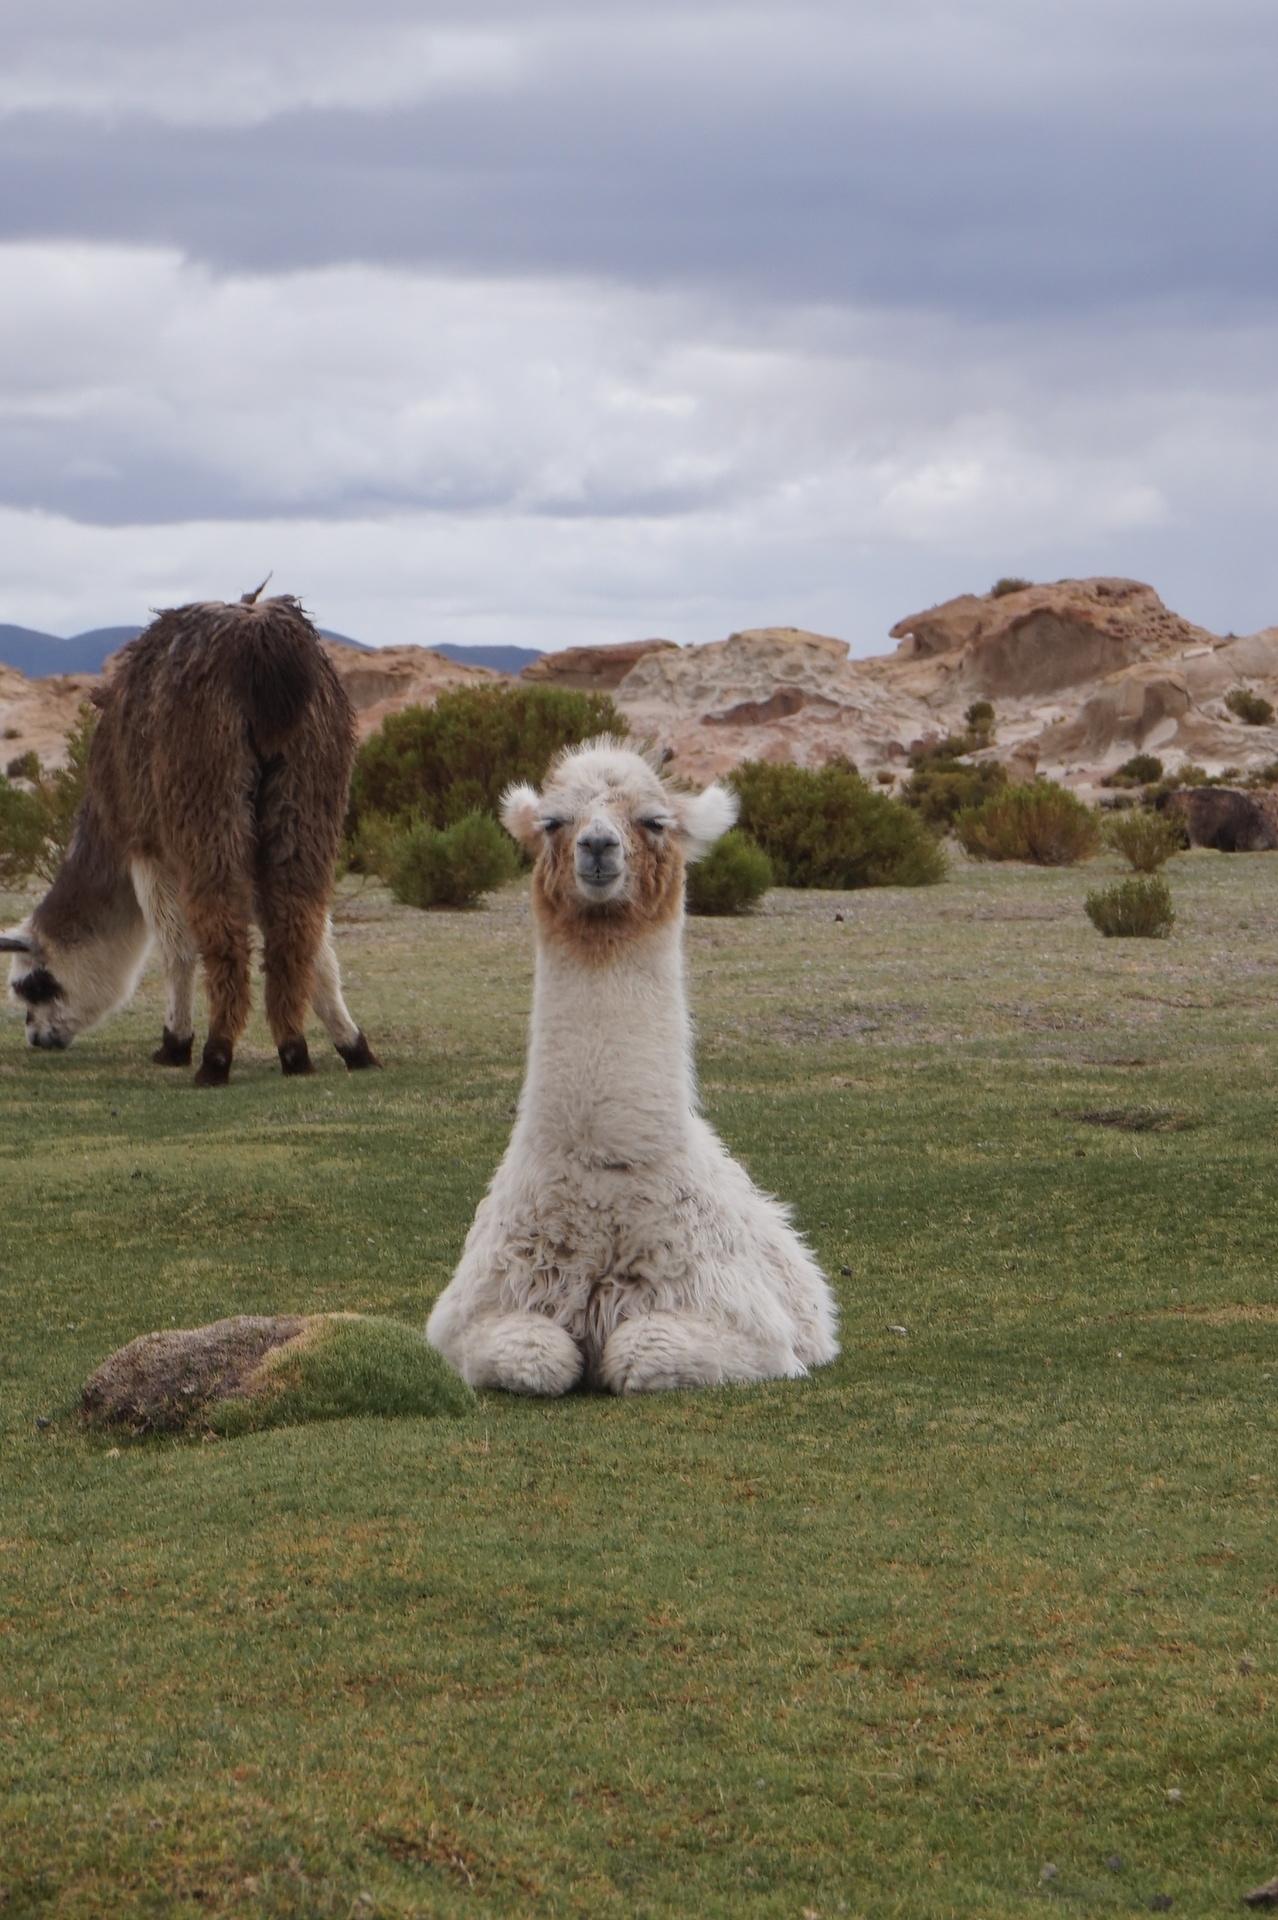 チリ ボリビア ウユニ旅行 2泊3日ツアー お座りアルパカ